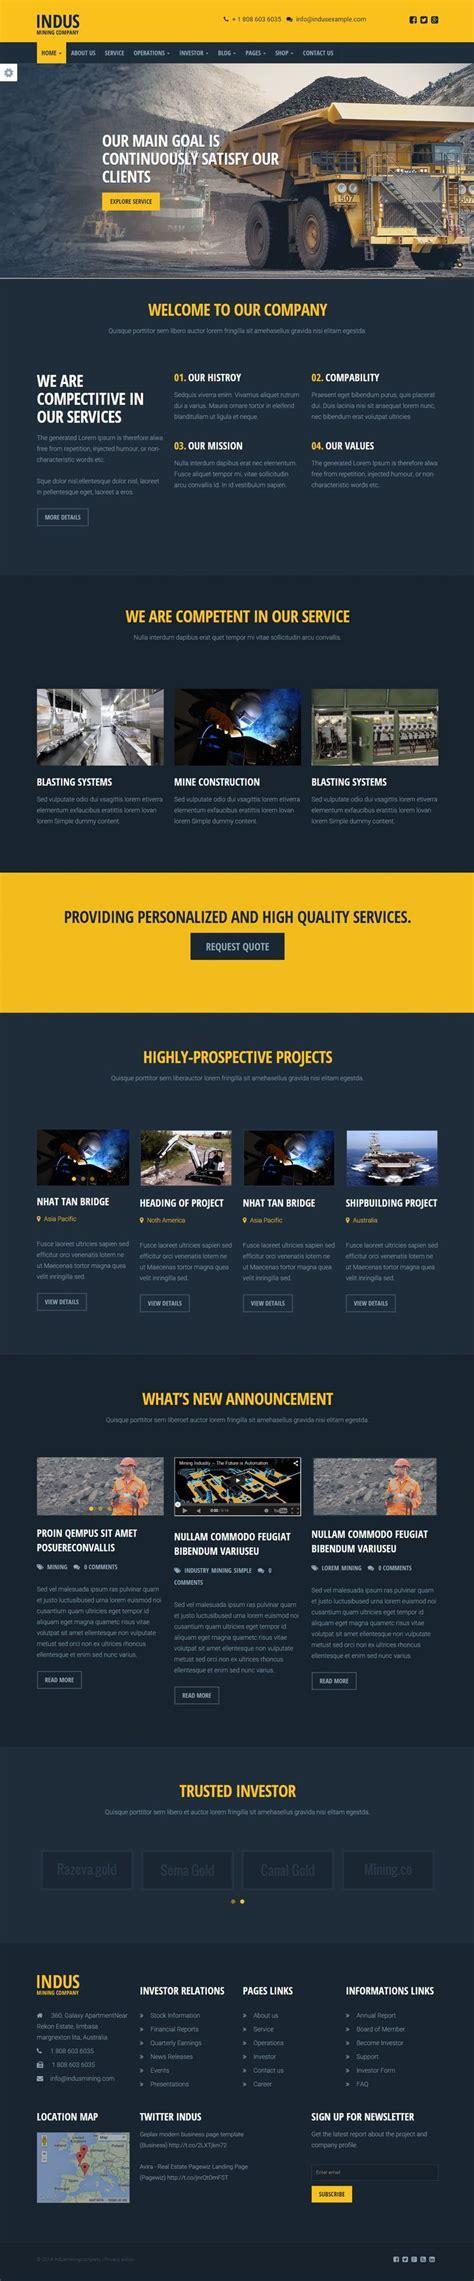 best websites 1000 images about web inspiration on website